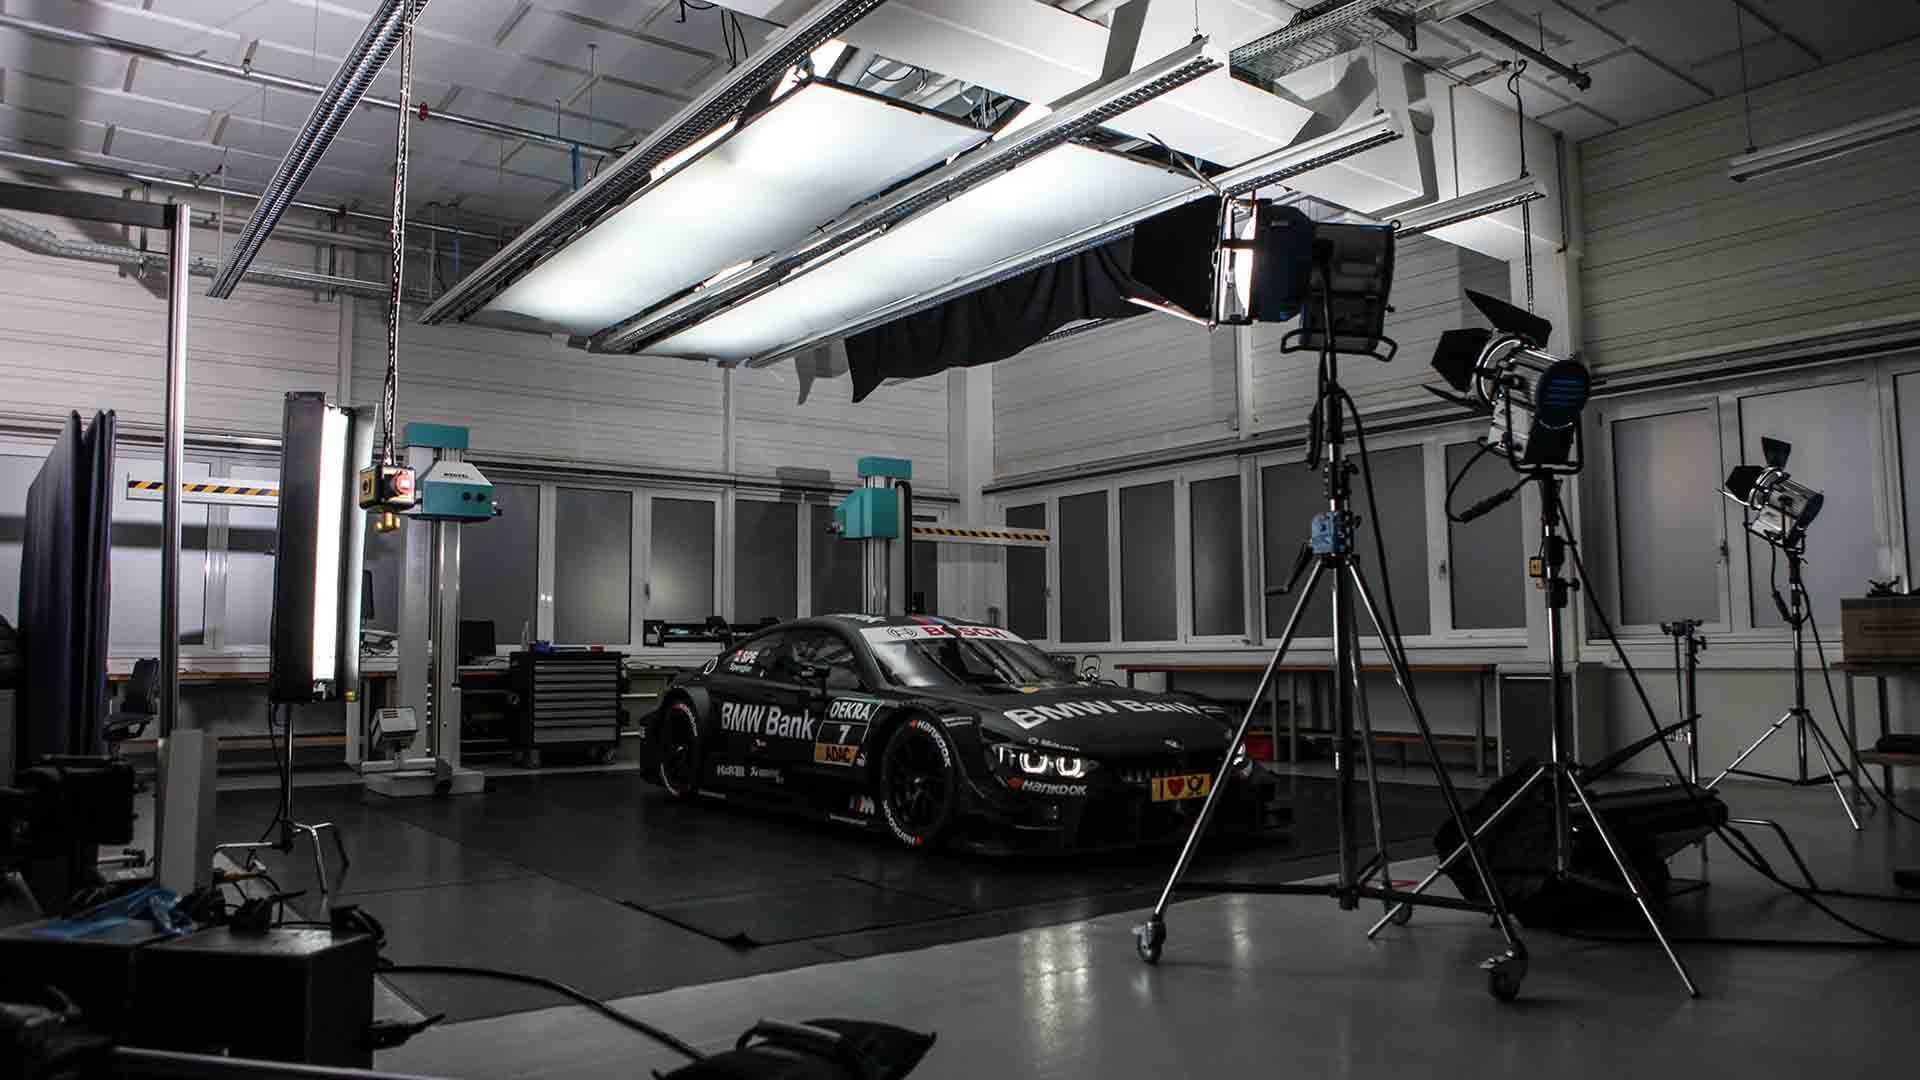 Zu sehen ist ein schwarzer Rennwagen von BMW. Er steht in der Mitte eines Raumes. Um ihn herum stehen Kameras, die ihn filmen. Über ihm hängen große Lichter. Das Bild dient als Sliderbild für den Portfolioeintrag BMW Bank Financial Services – Bruno Spengler von Panda Pictures.